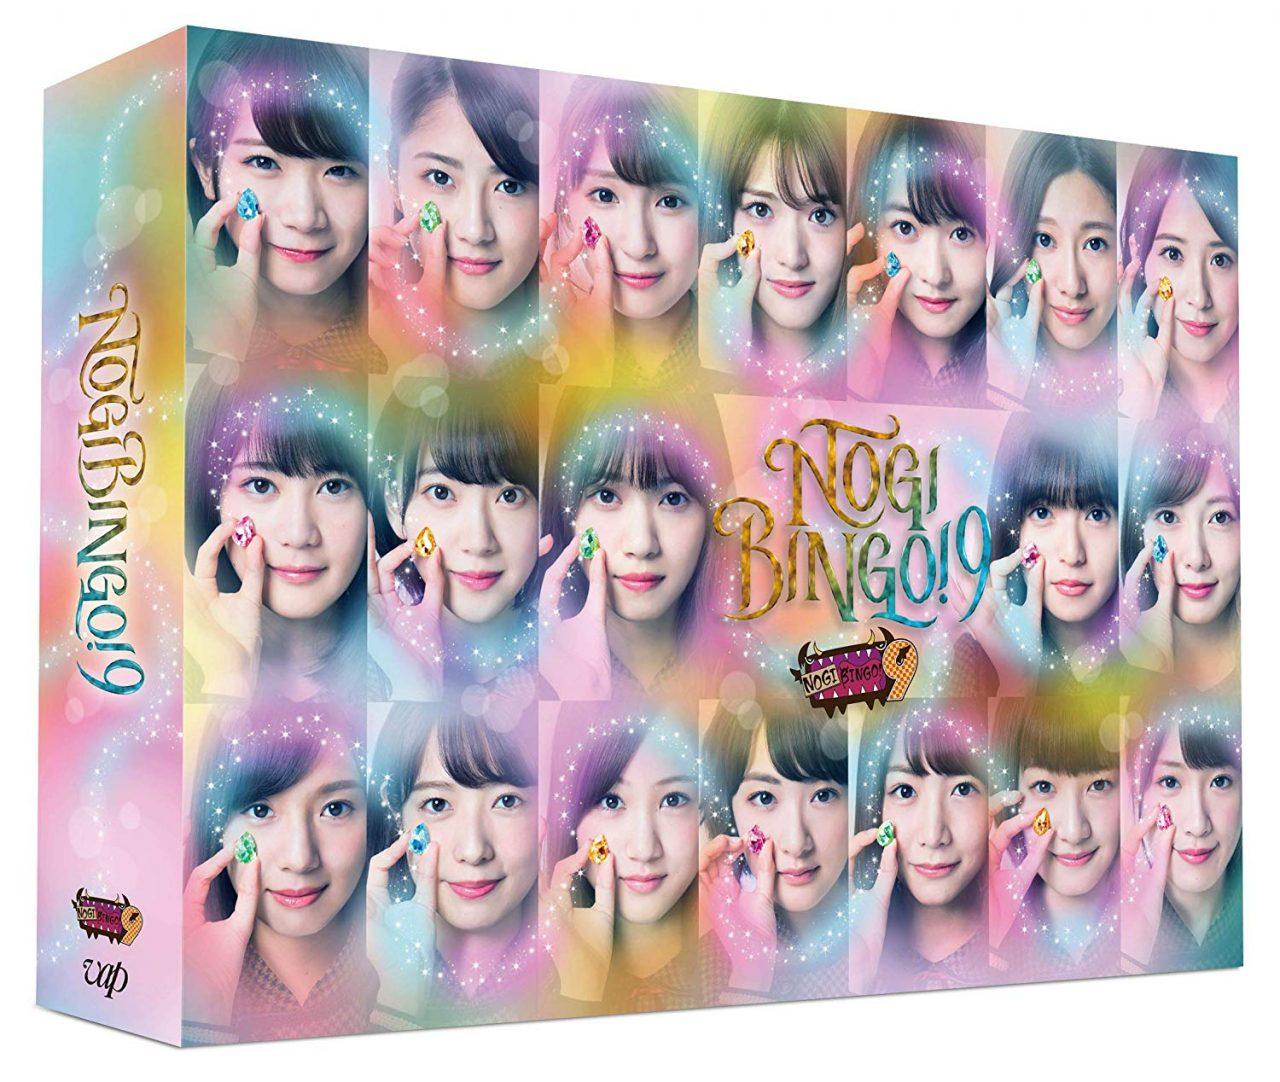 NOGIBINGO!9 [DVD][Blu-ray]